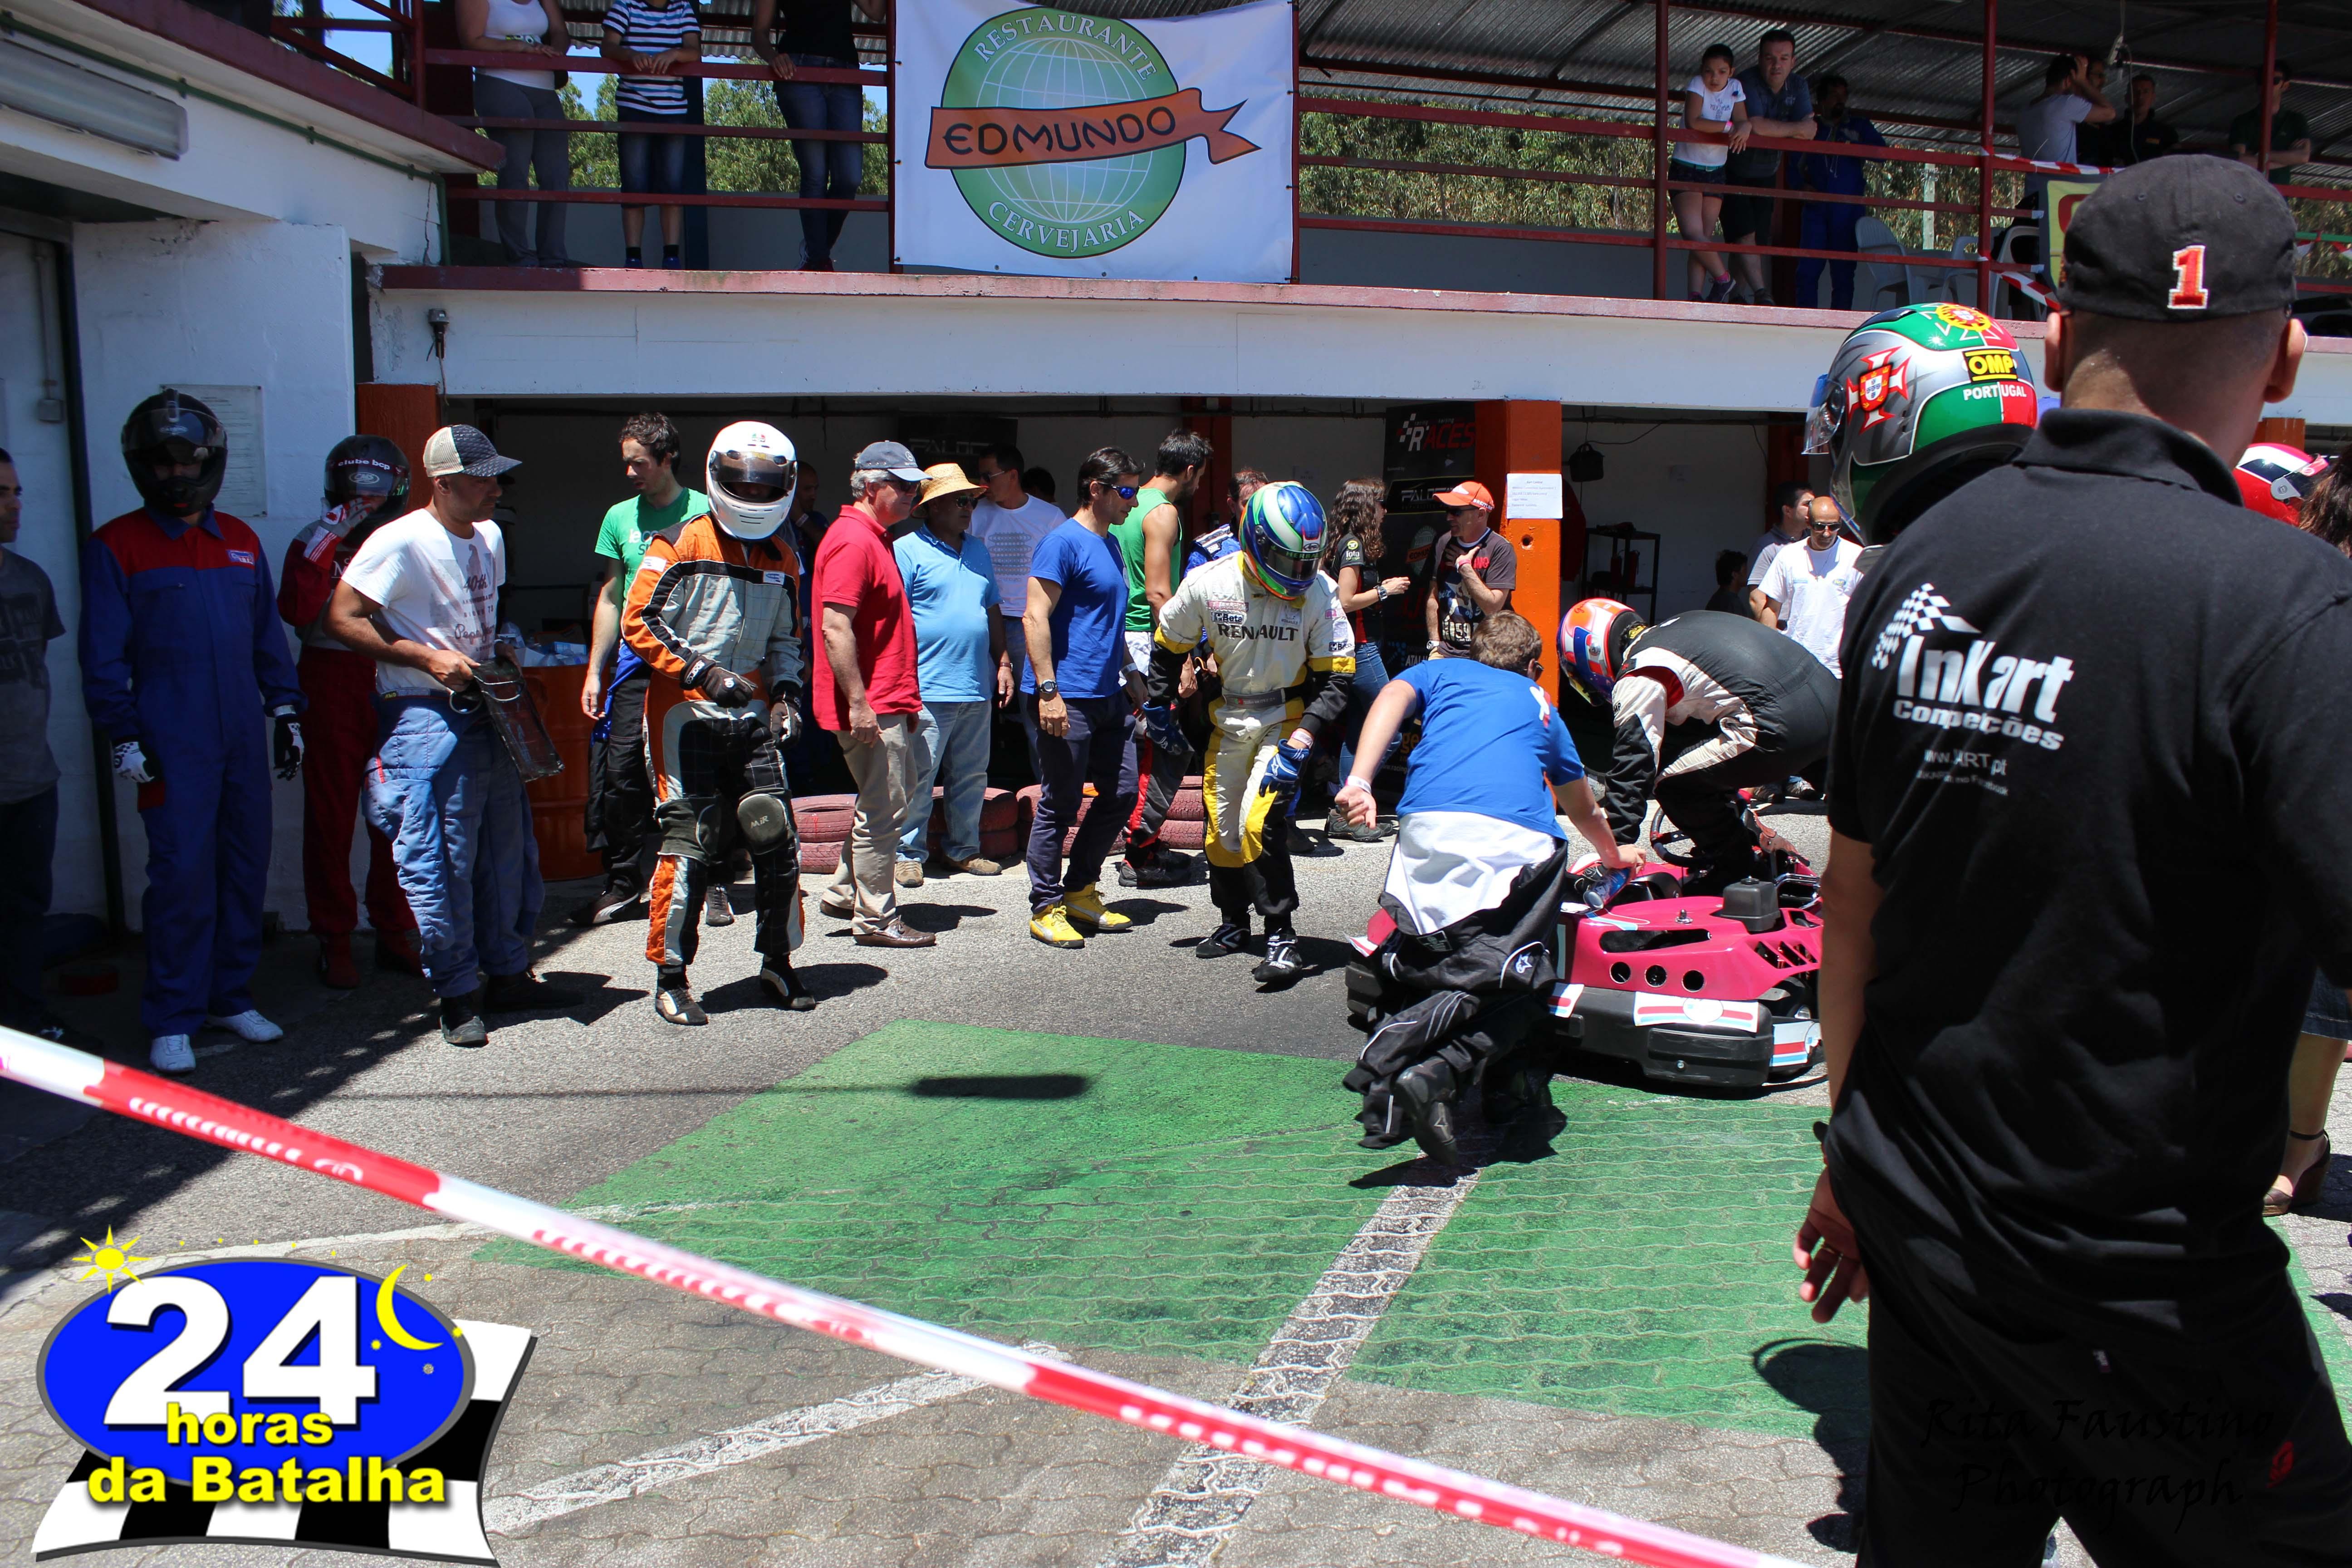 24 Horas da Batalha 2015 - Troca de pilotos104